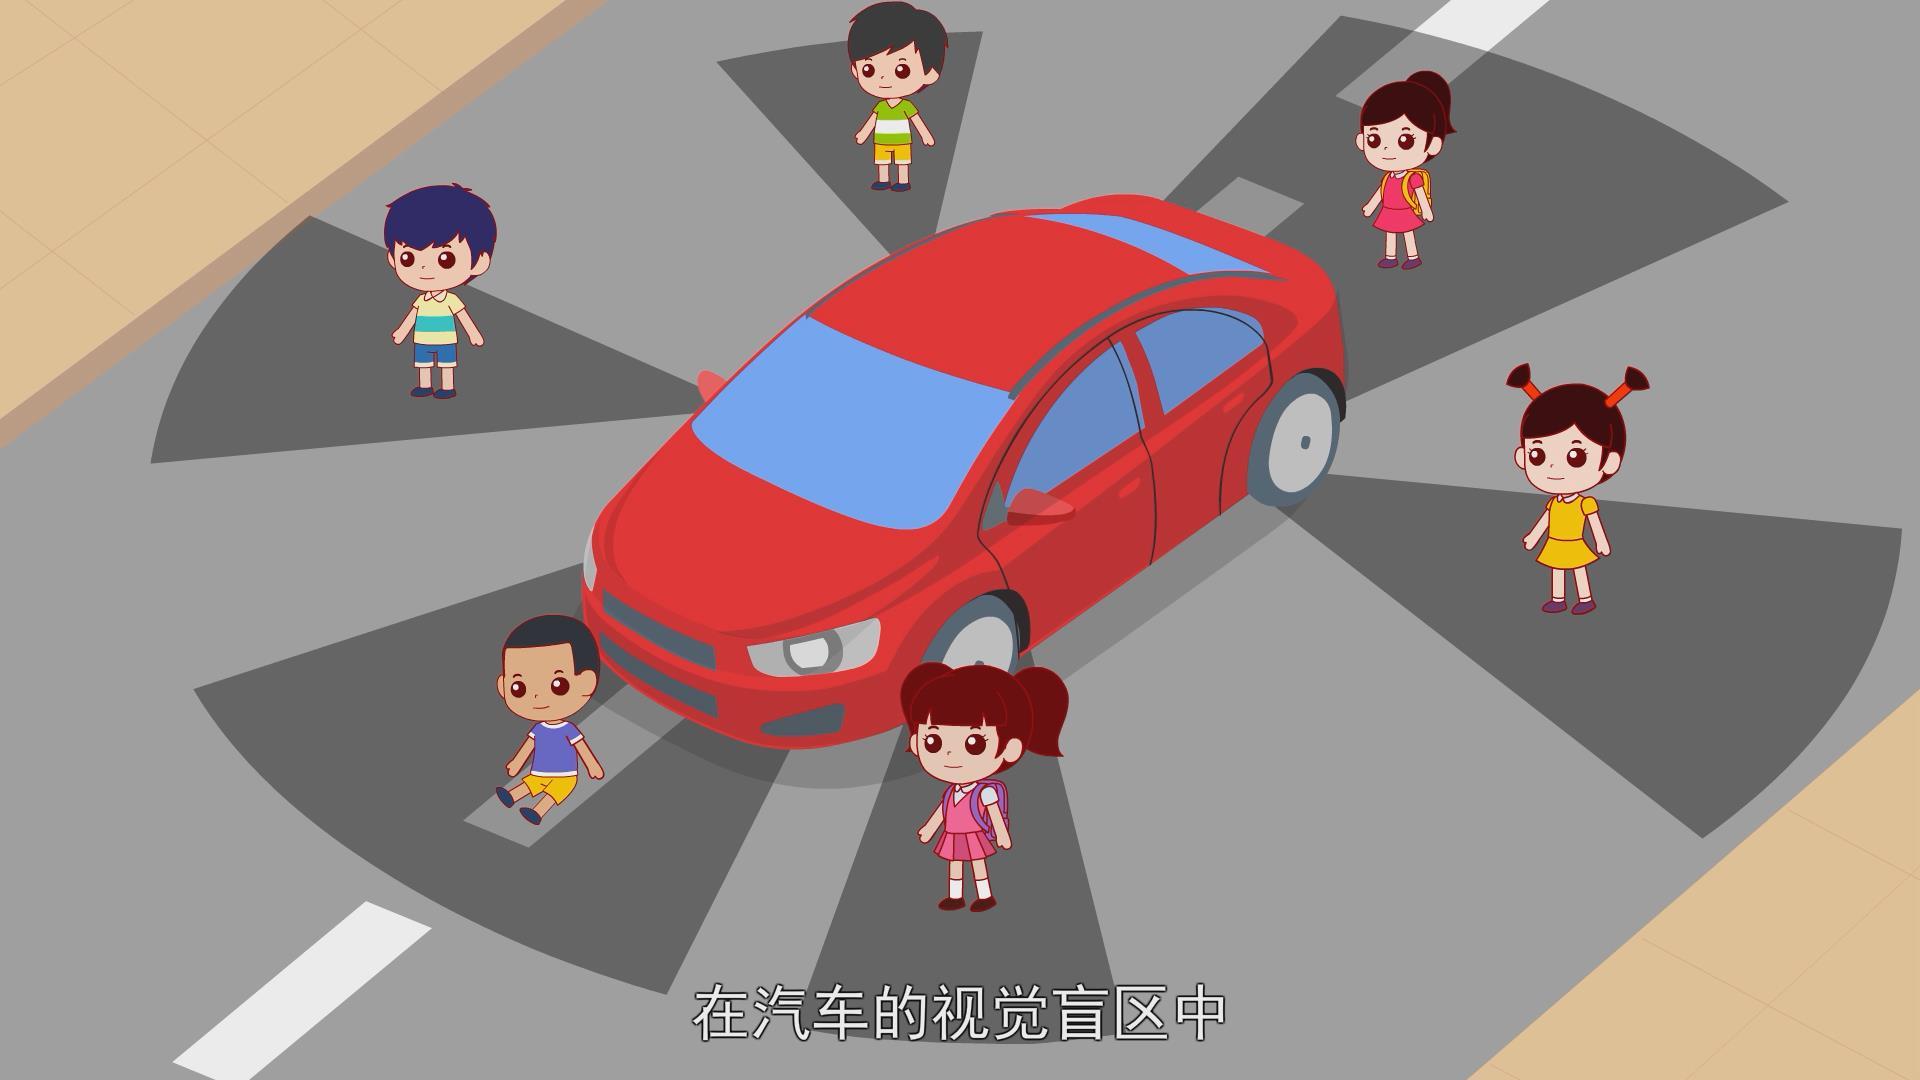 宇小虎兒童交通安全出行指南(第三課)